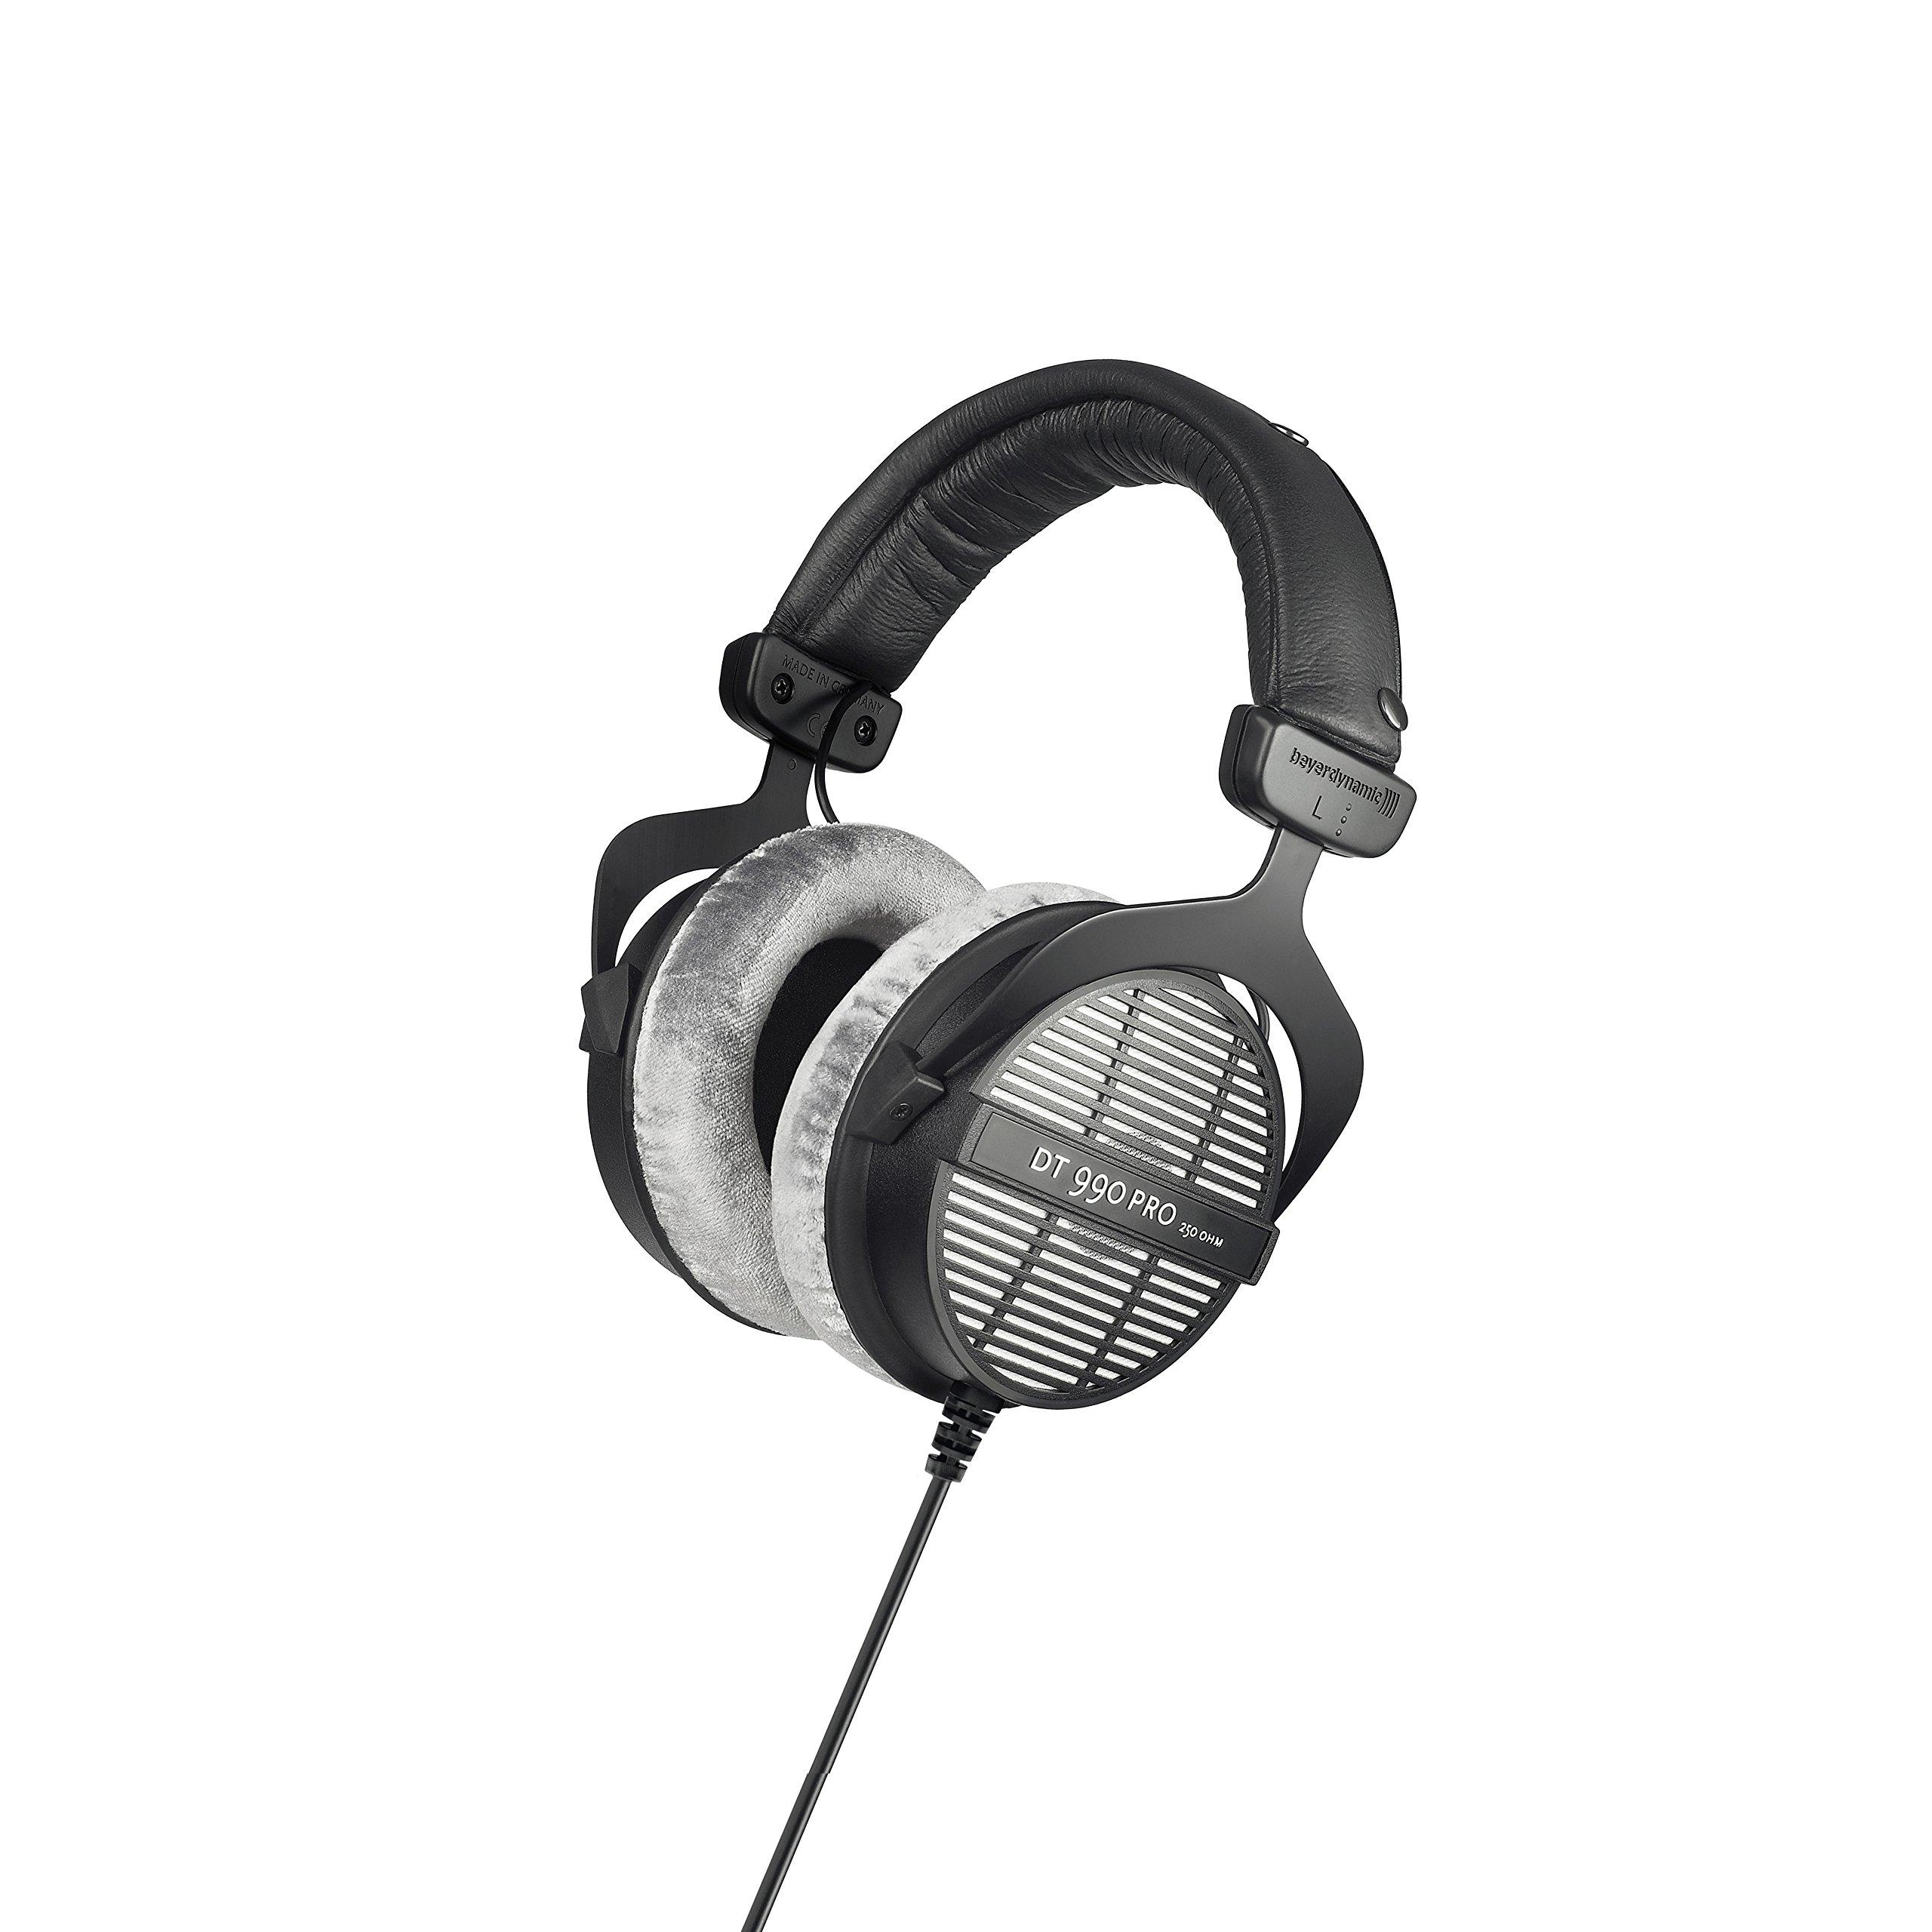 베이어다이나믹 DT990 Pro 250옴 오픈형 헤드폰 Beyerdynamic DT 990 Pro 250 ohm Headphones, Gray, (459038)